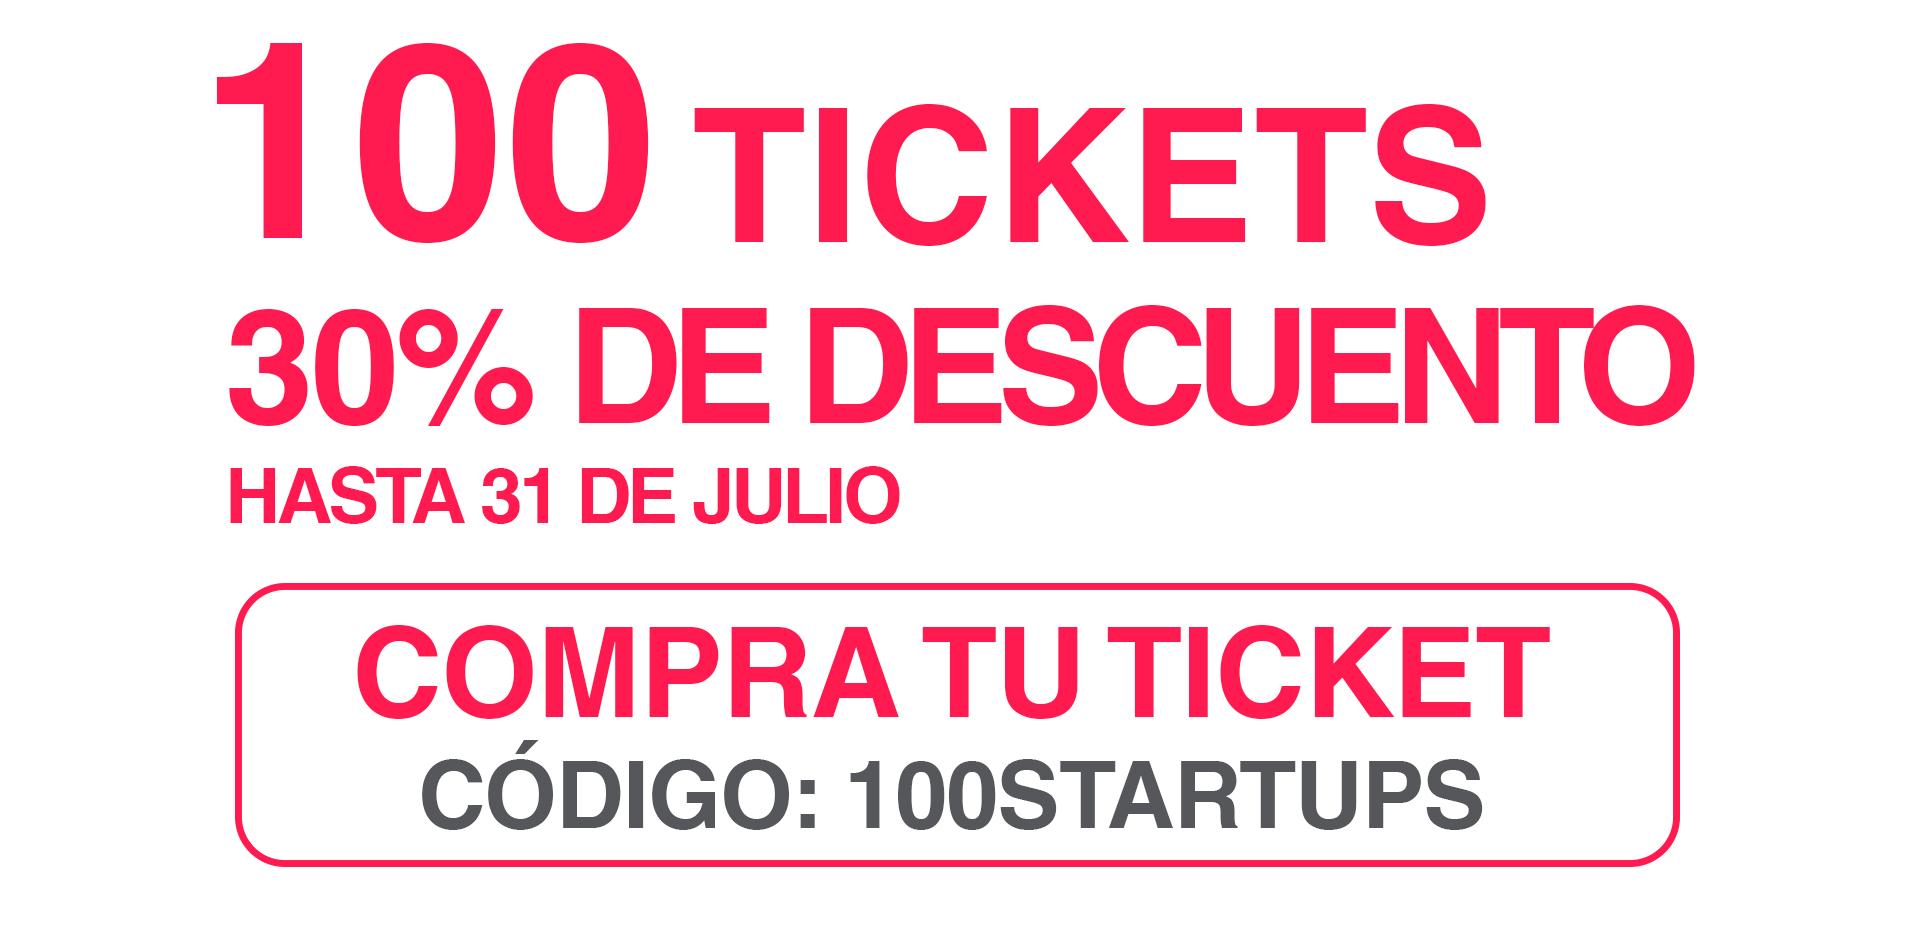 Ticket Discount